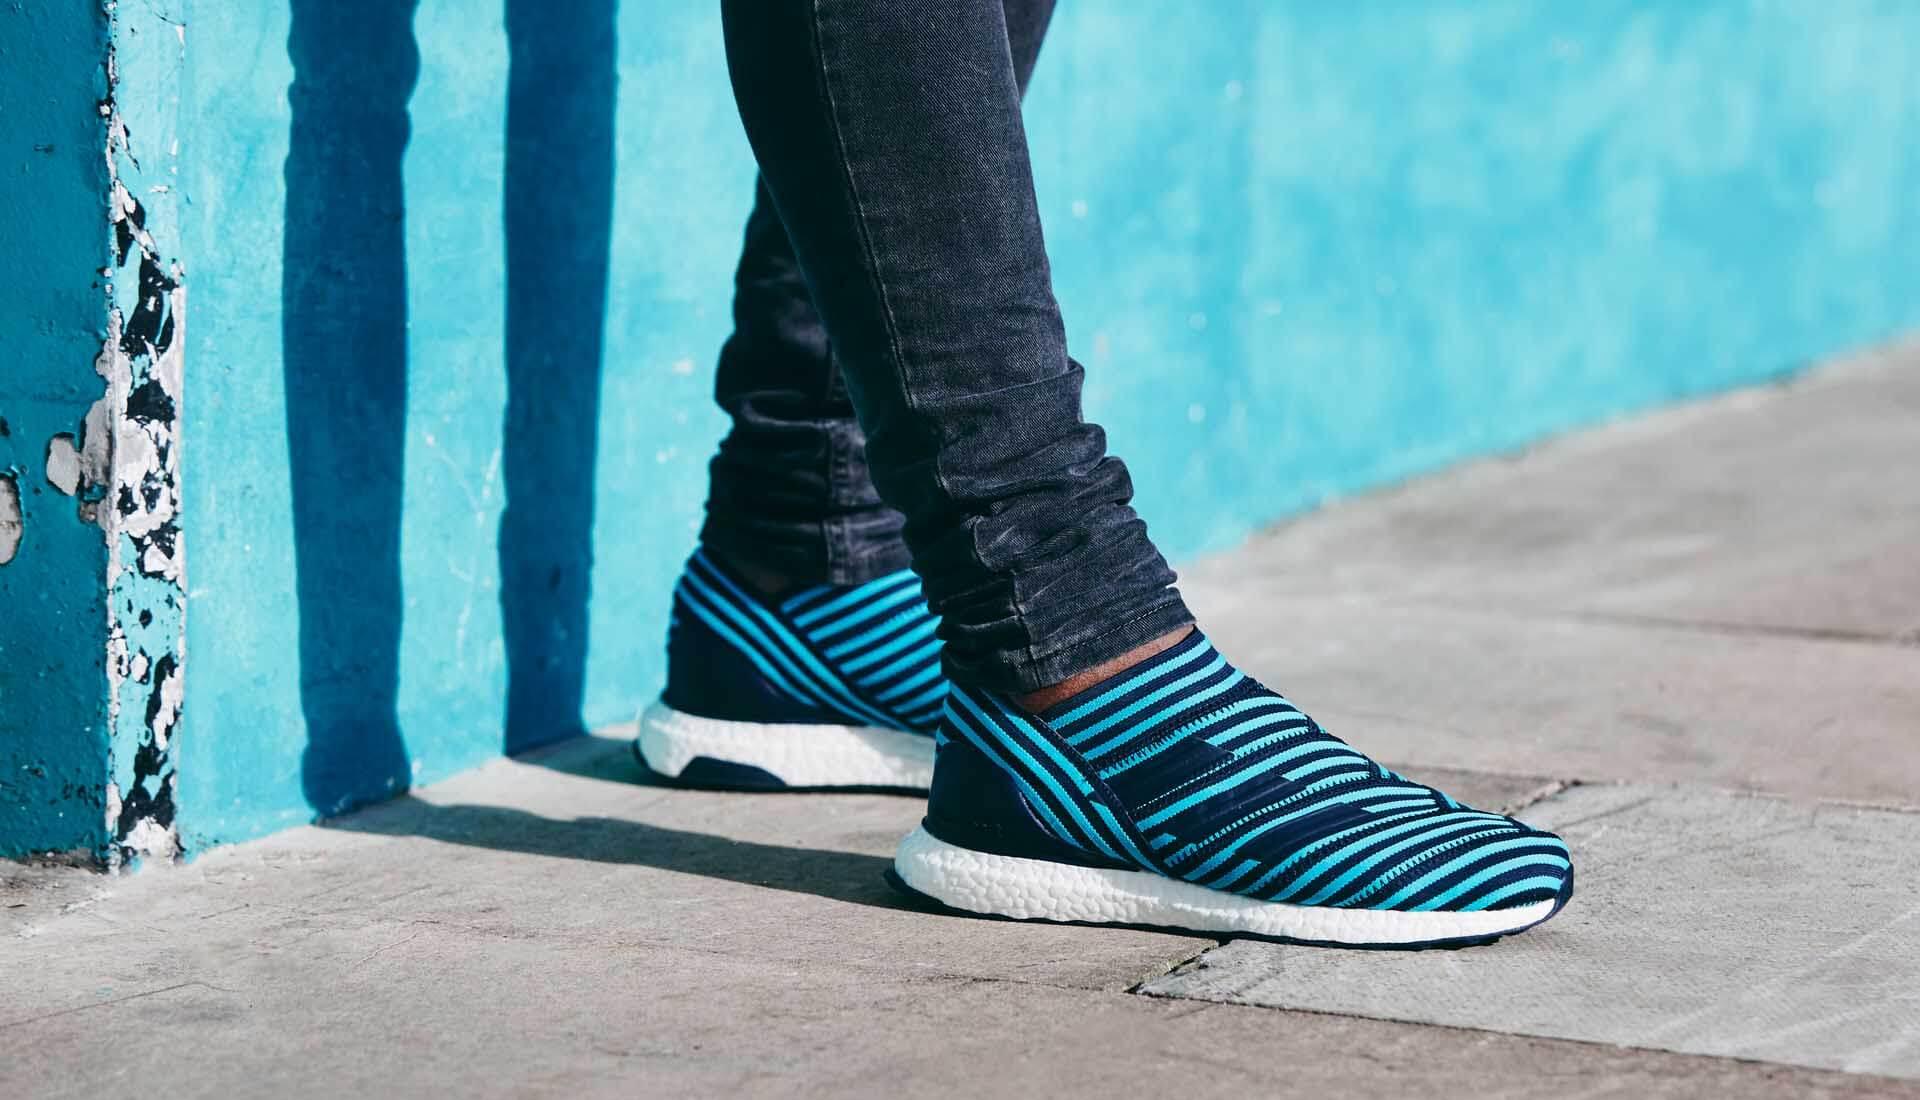 c2644cf4338aa adidas Nemeziz 17+ UltraBOOST Ocean Storm Sneakers - SoccerBible